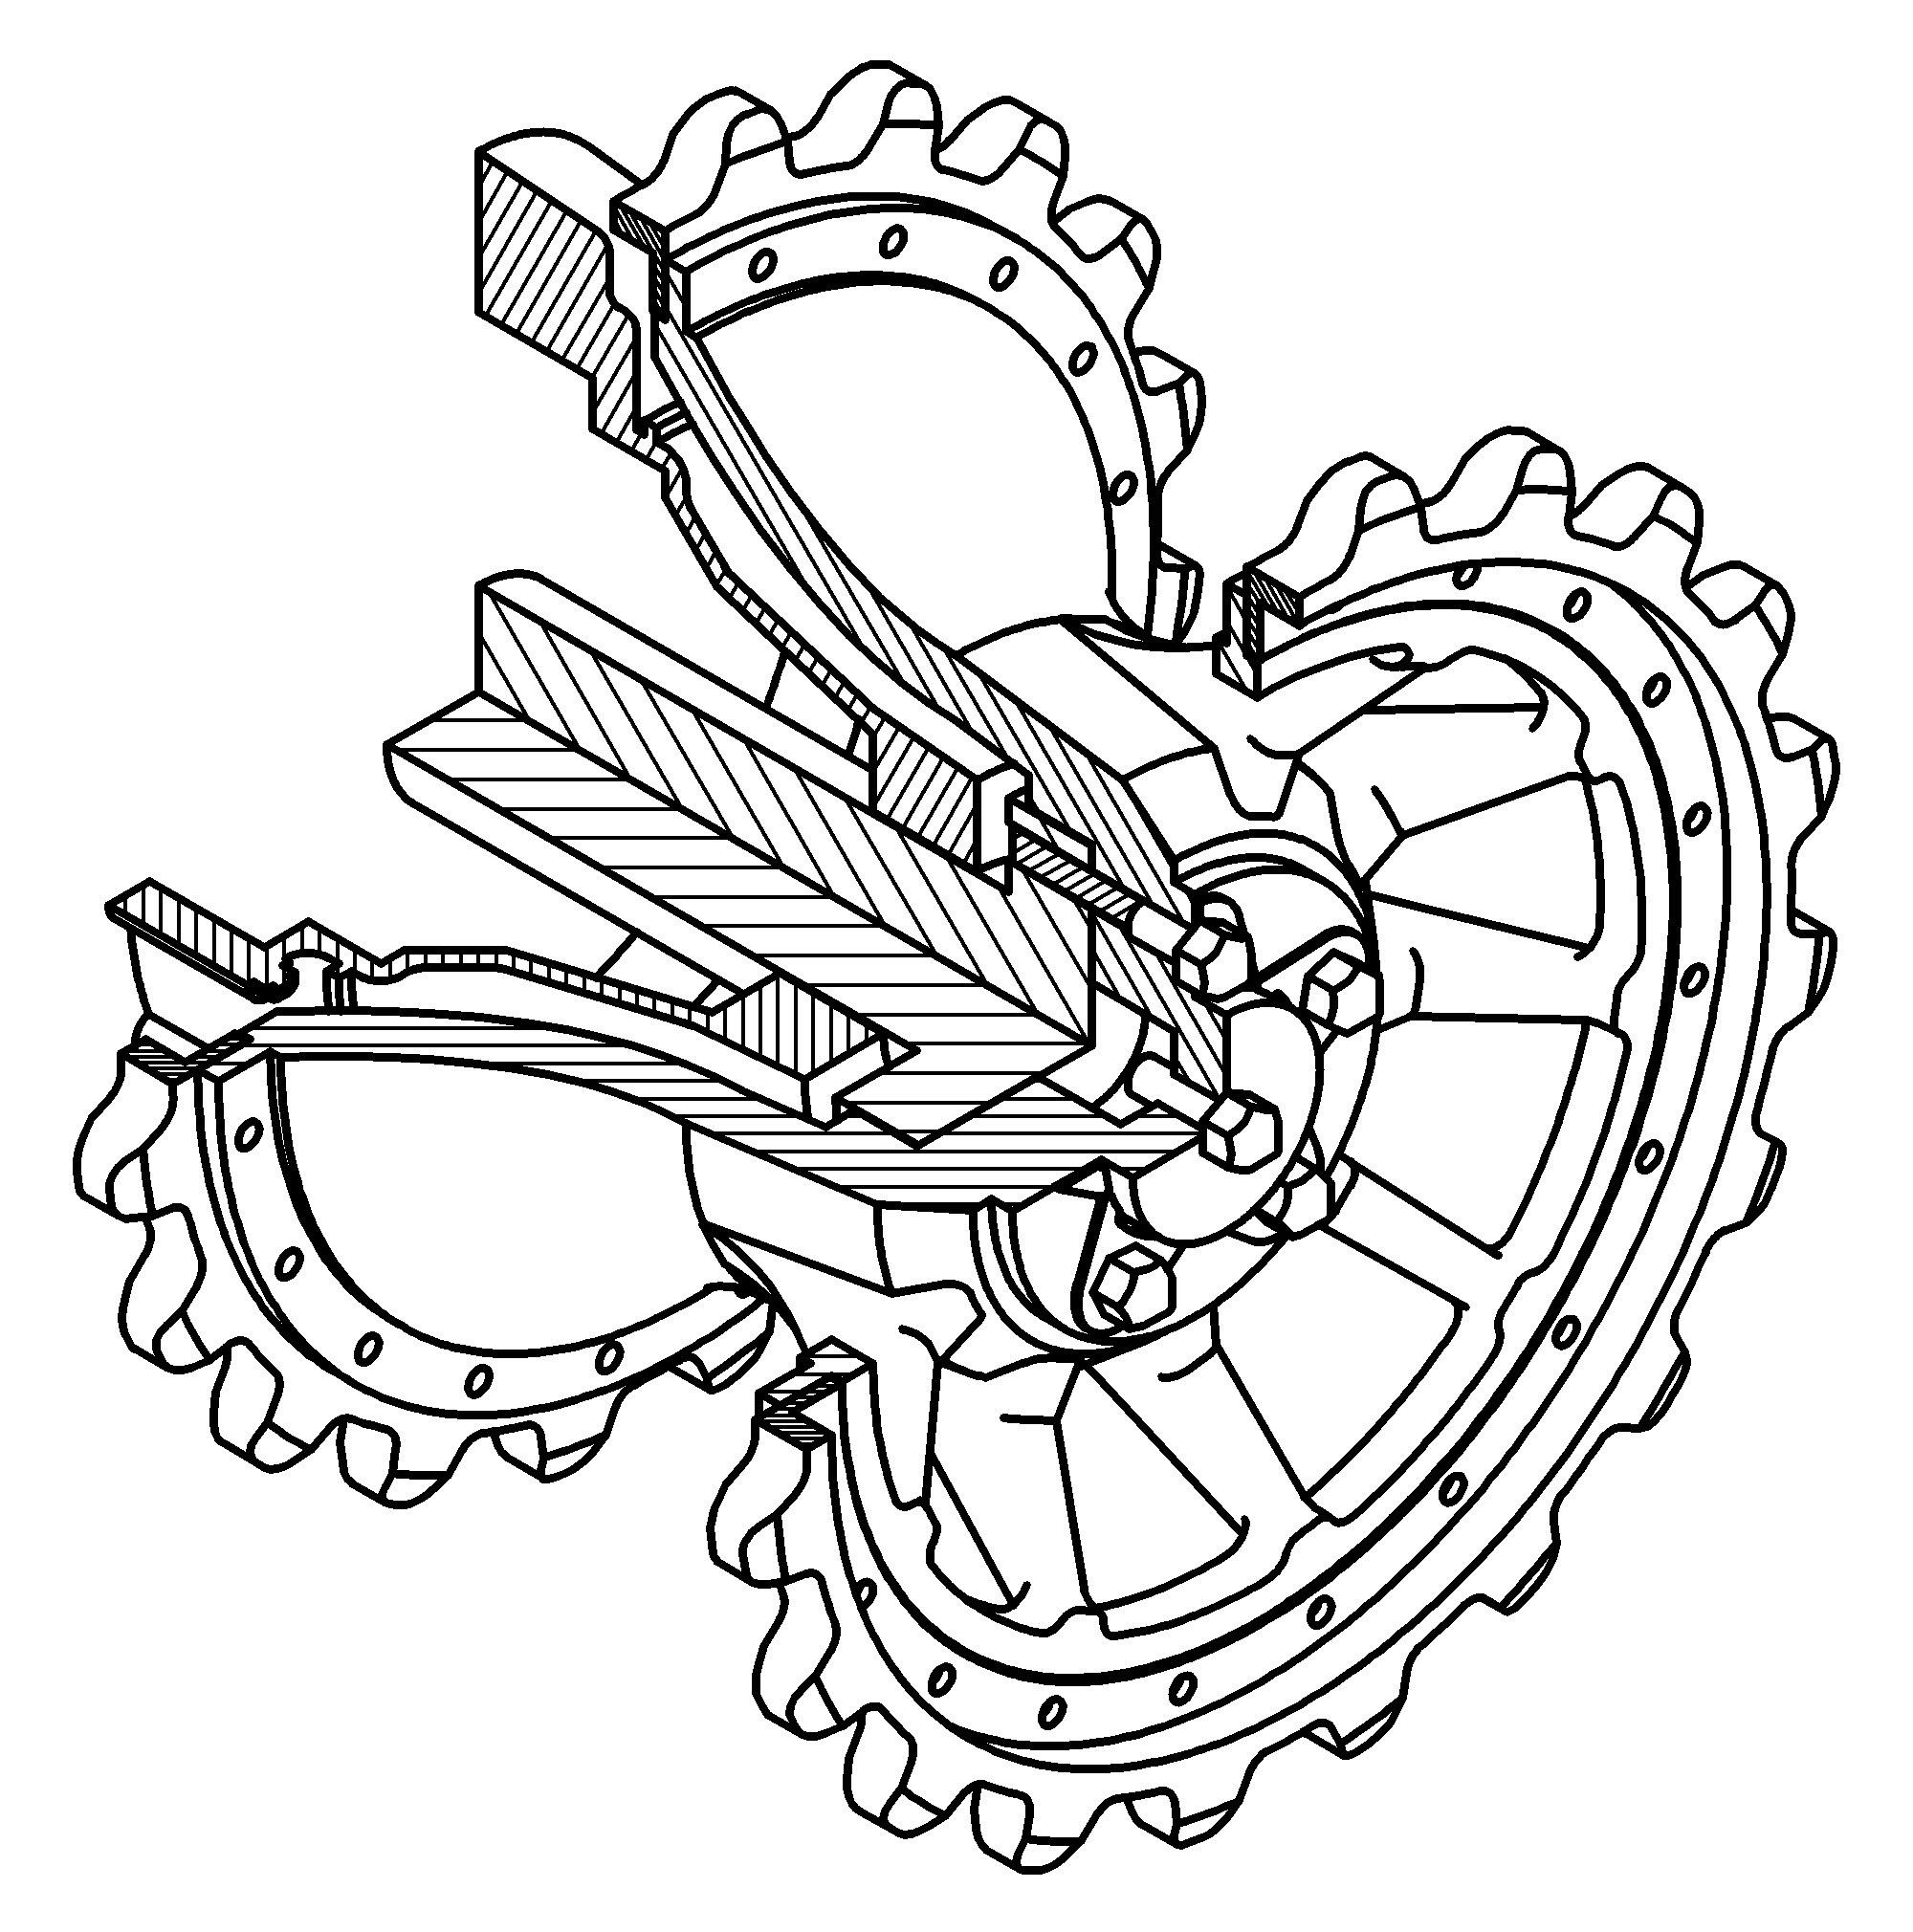 20 Ведущее колесо и редуктор изометрия